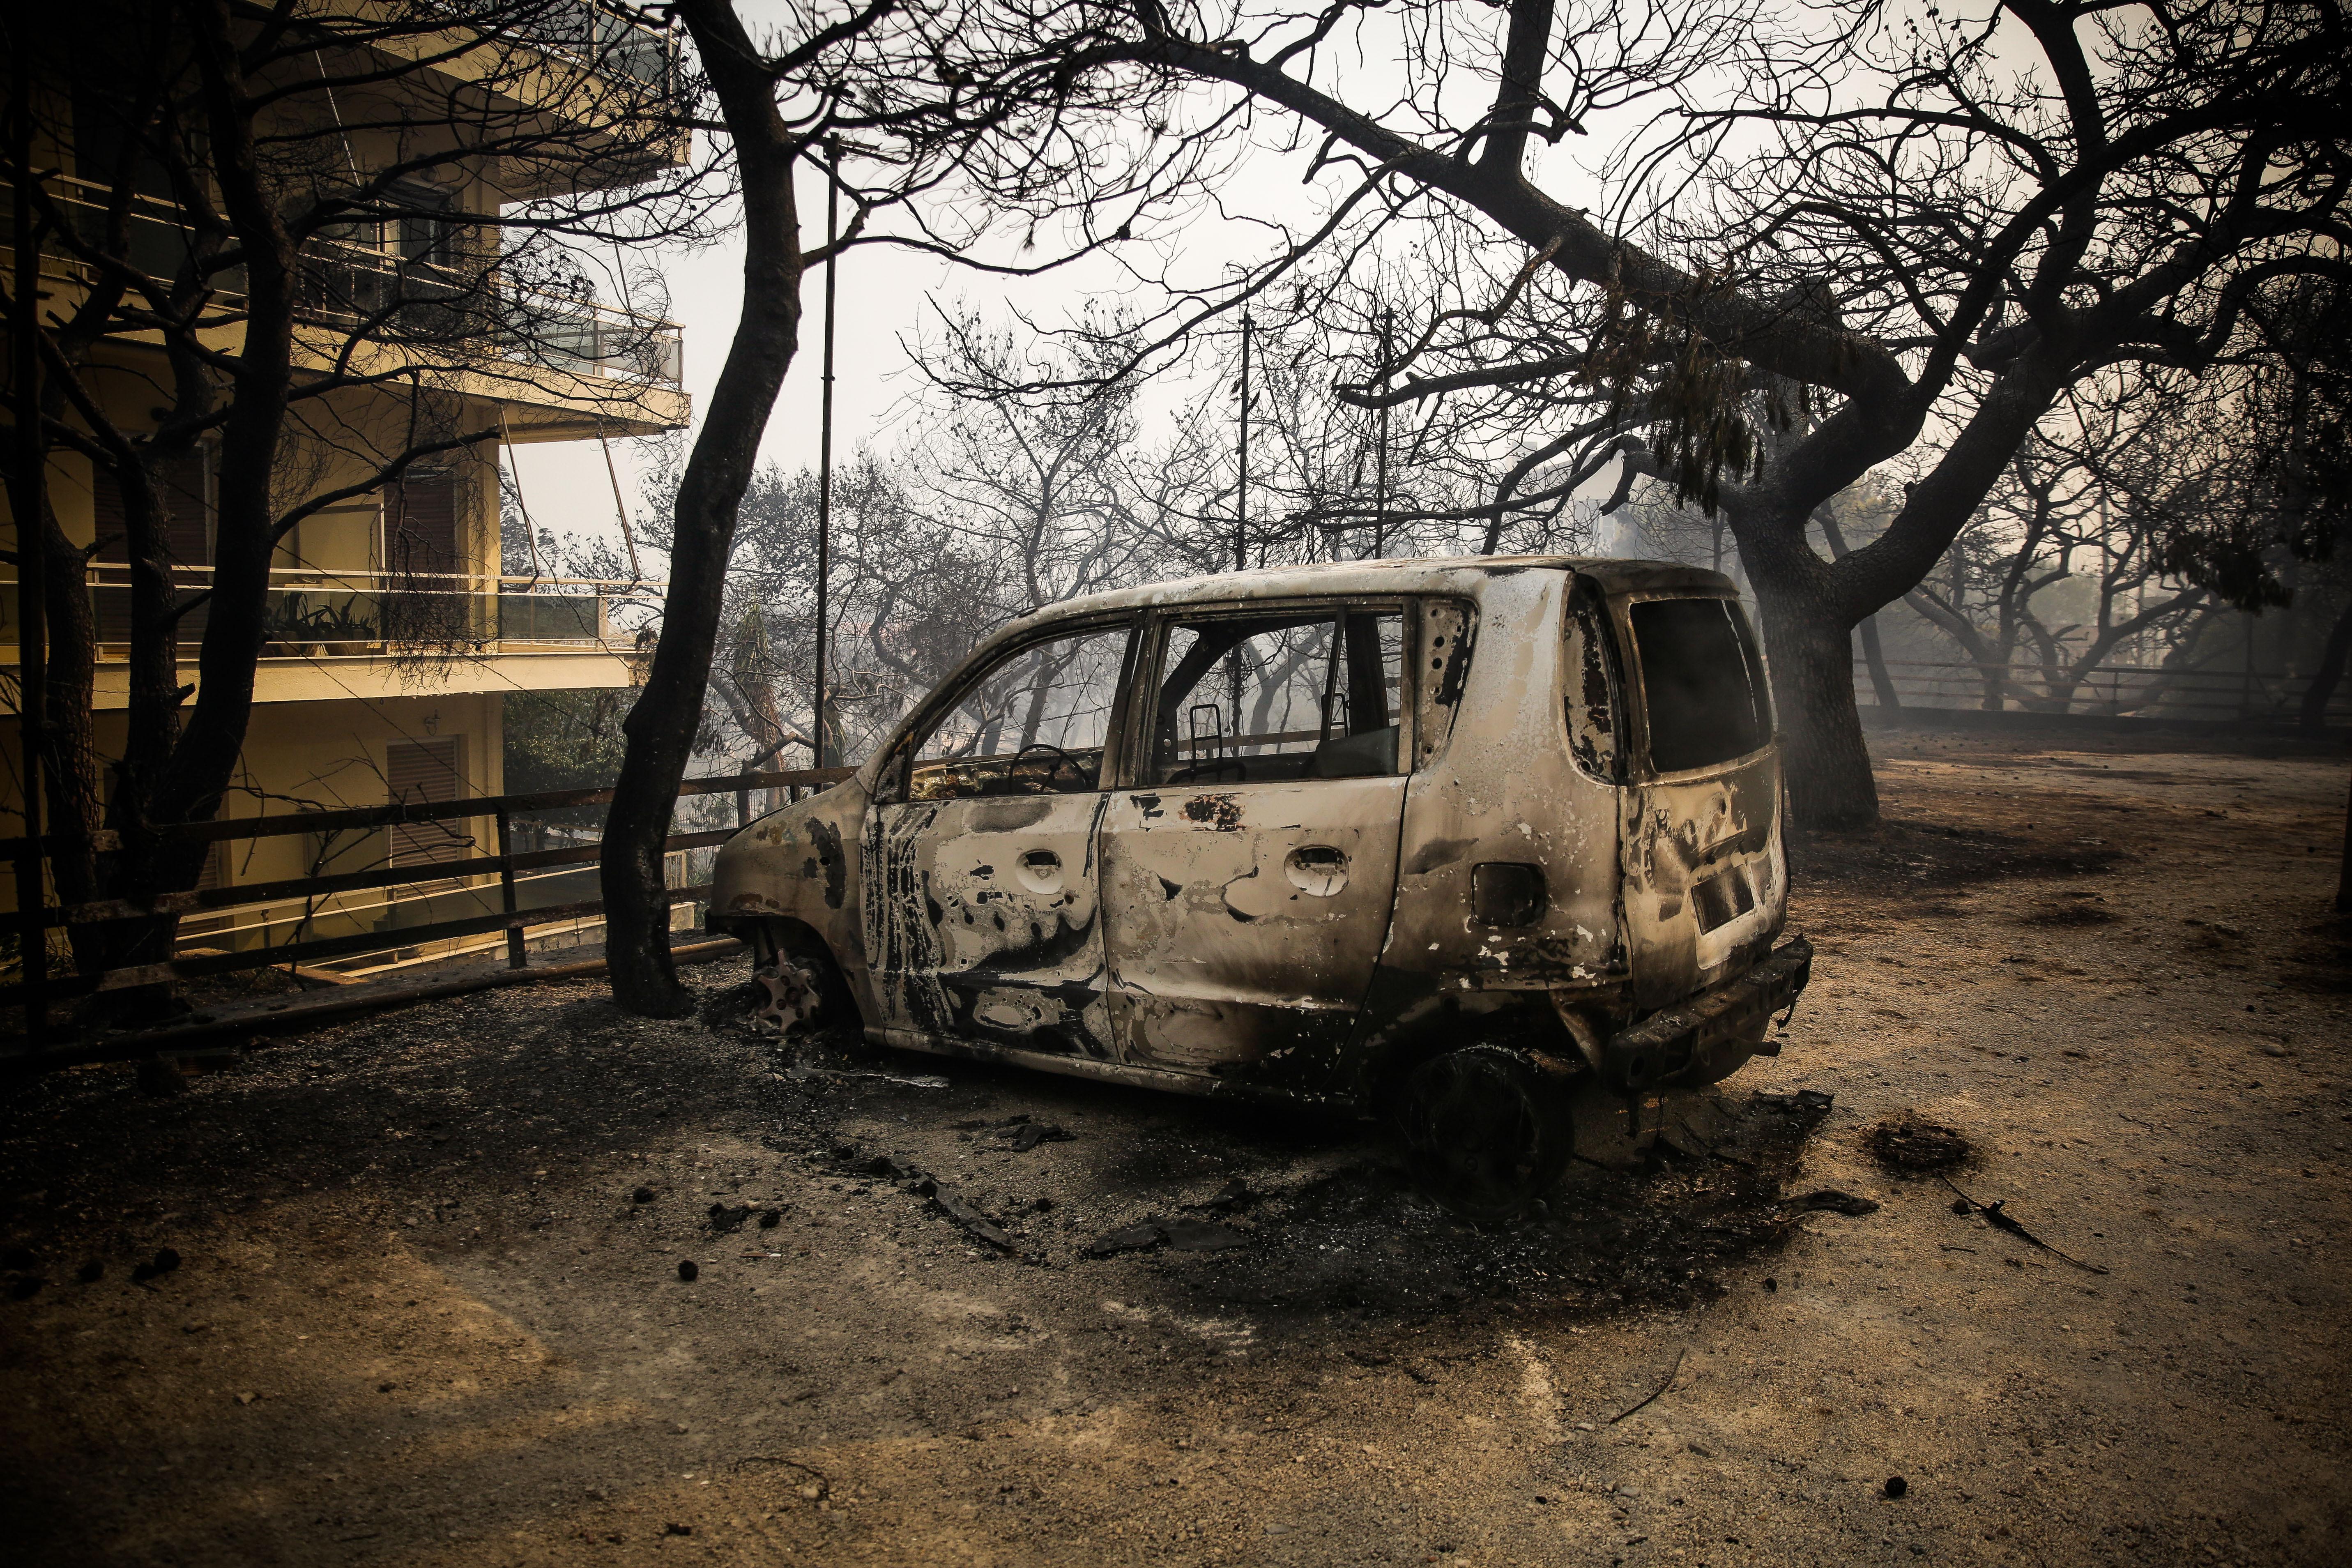 eikones-oloklirotikis-katastrofis-apo-tis-pyrkagies-foto-amp-8211-vinteo8